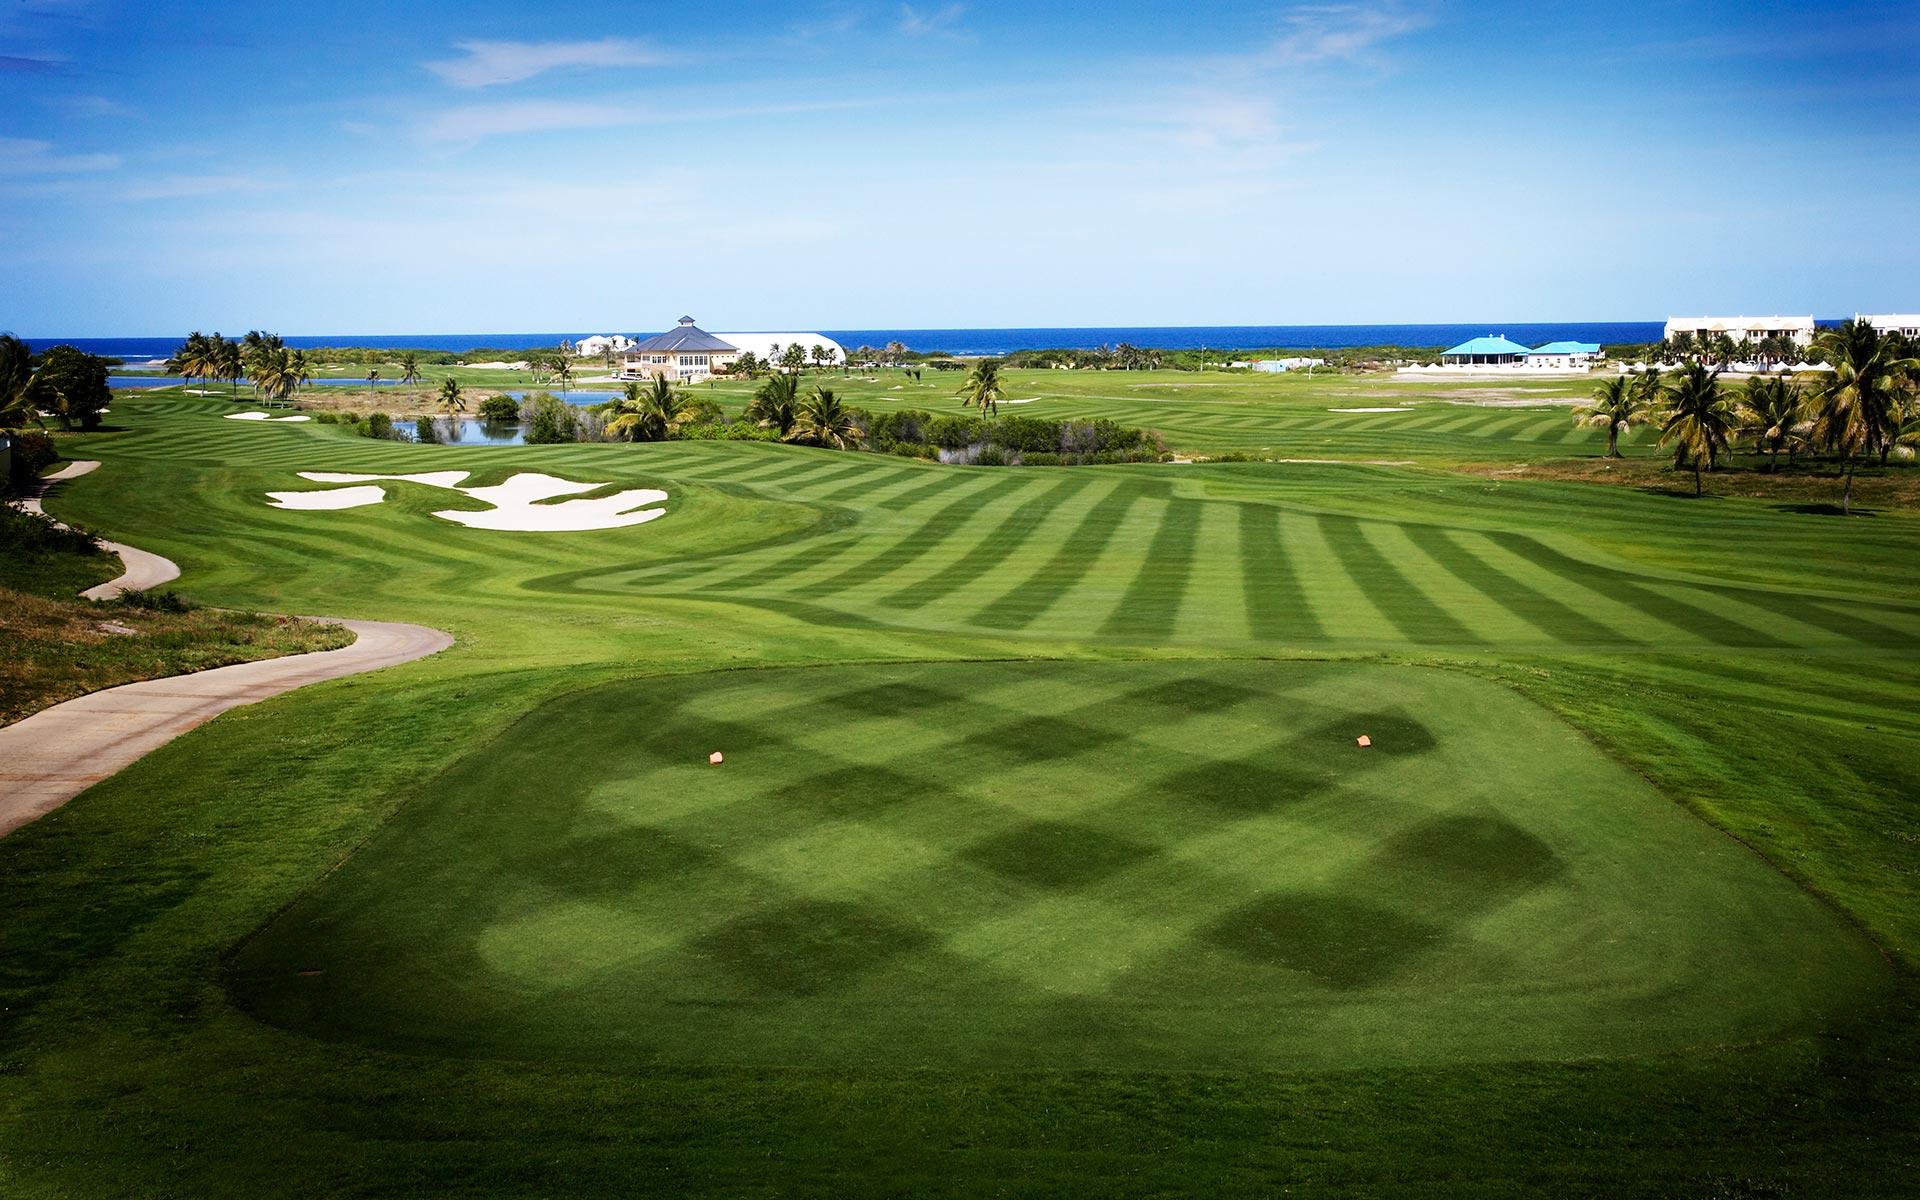 https://bubo.sk/uploads/galleries/16367/royal-st.-kitts-golf-club-2.jpg